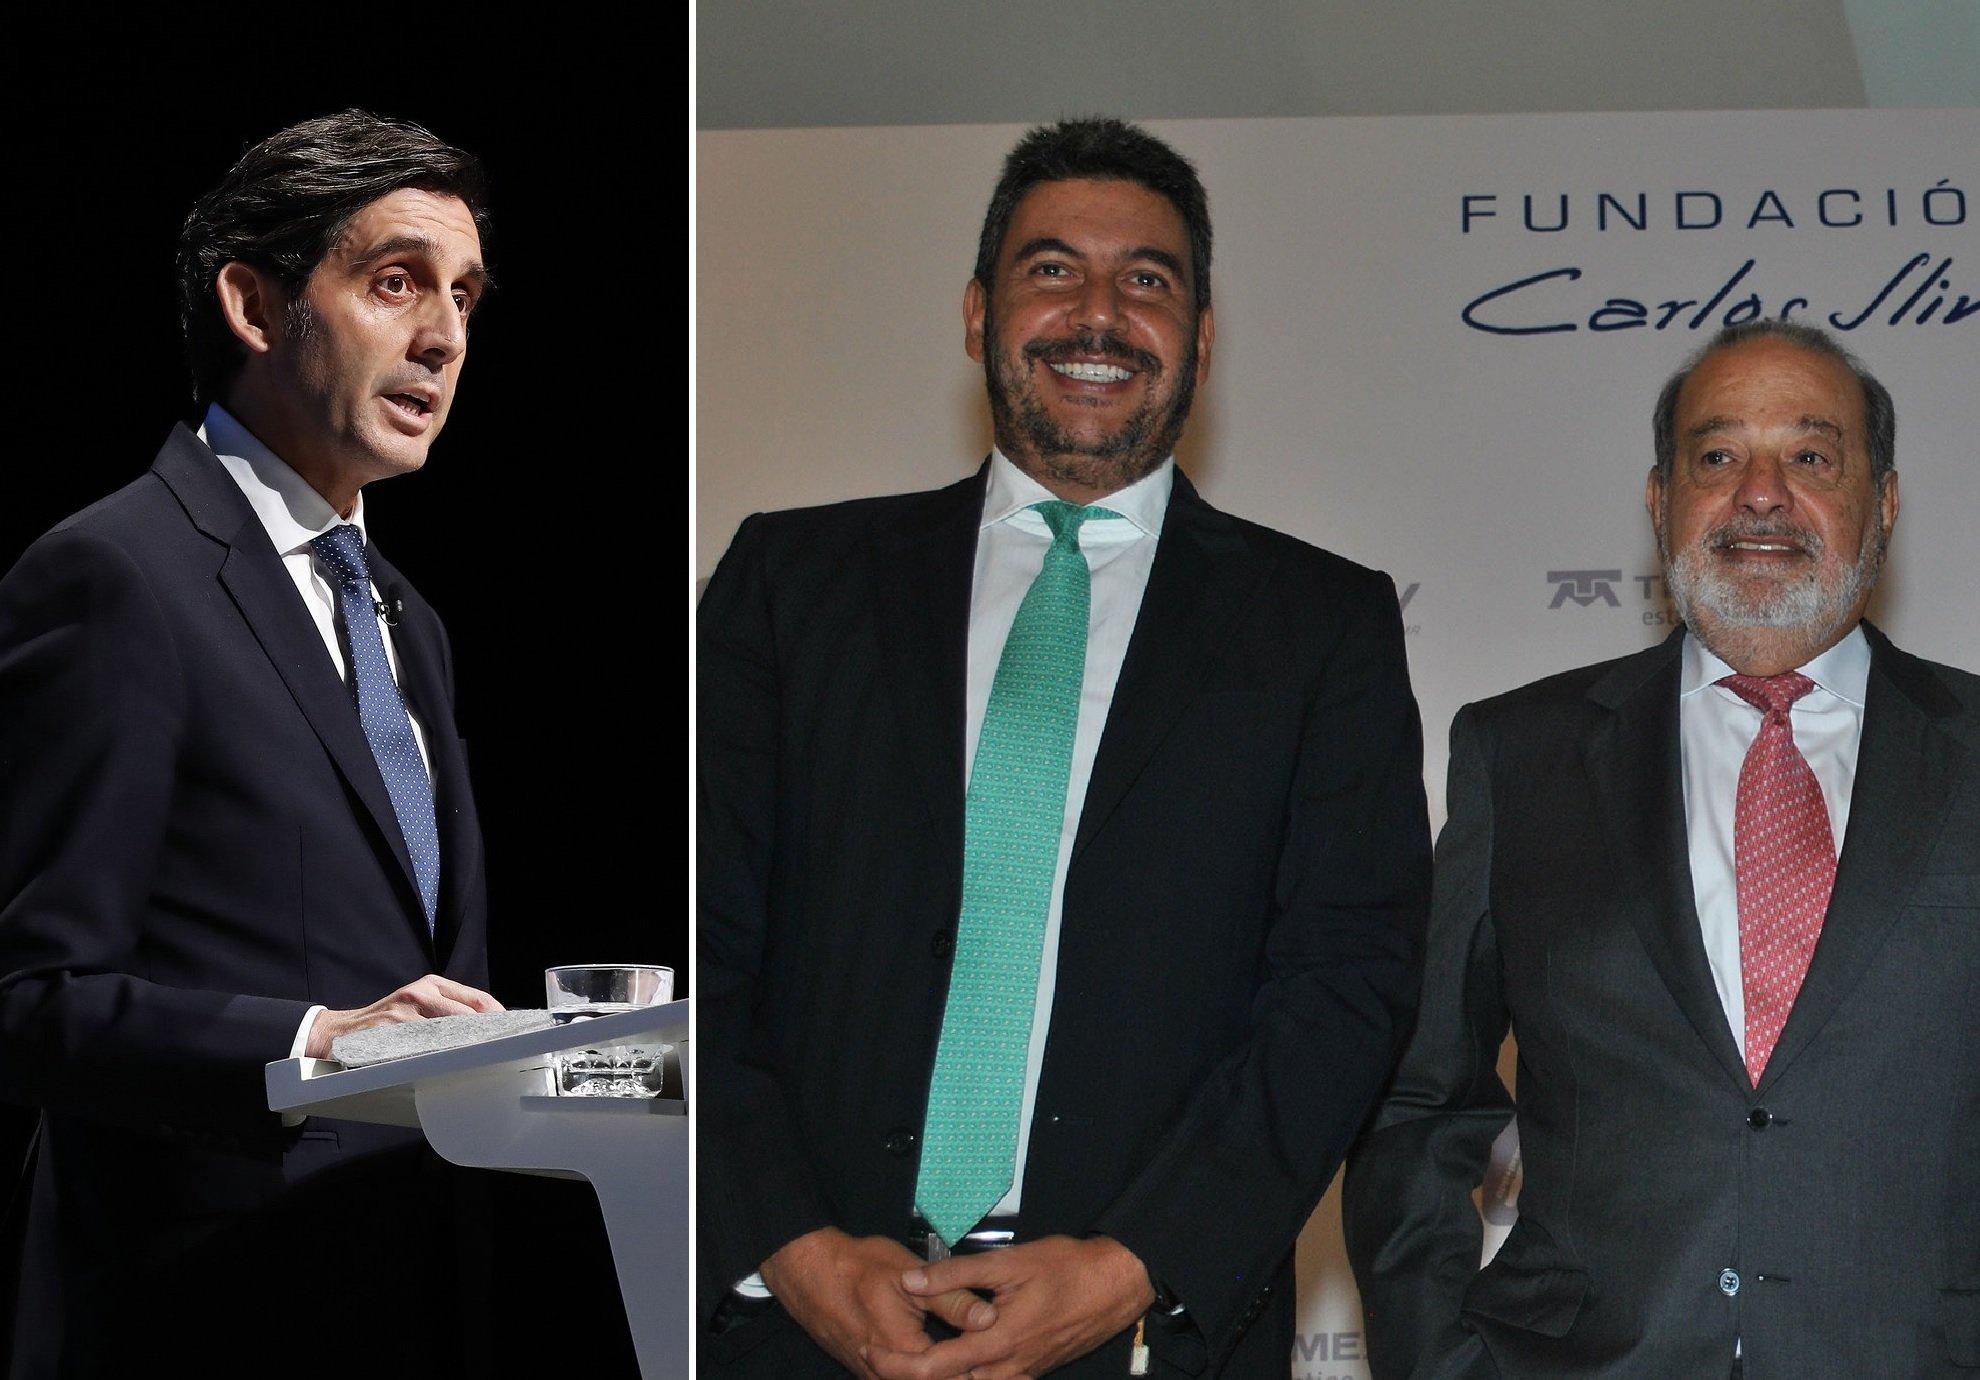 José María Álvarez-Pallete se entiende a la perfección con Arturo Elías Ayub, yerno de Carlos Slim